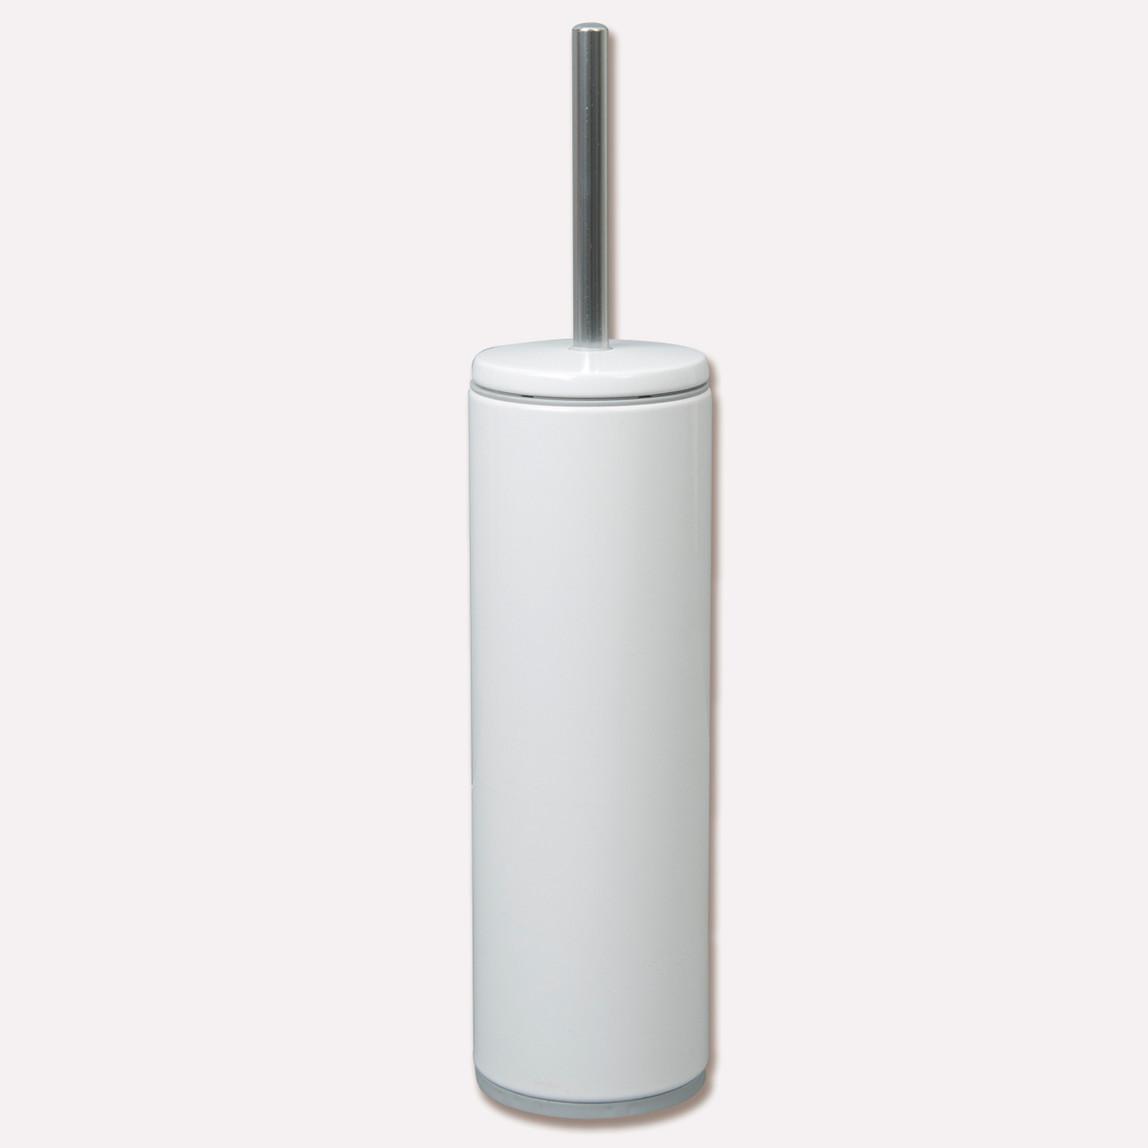 Cigo Wc Tuvalet Fırçası Beyaz İç Kısım Gri